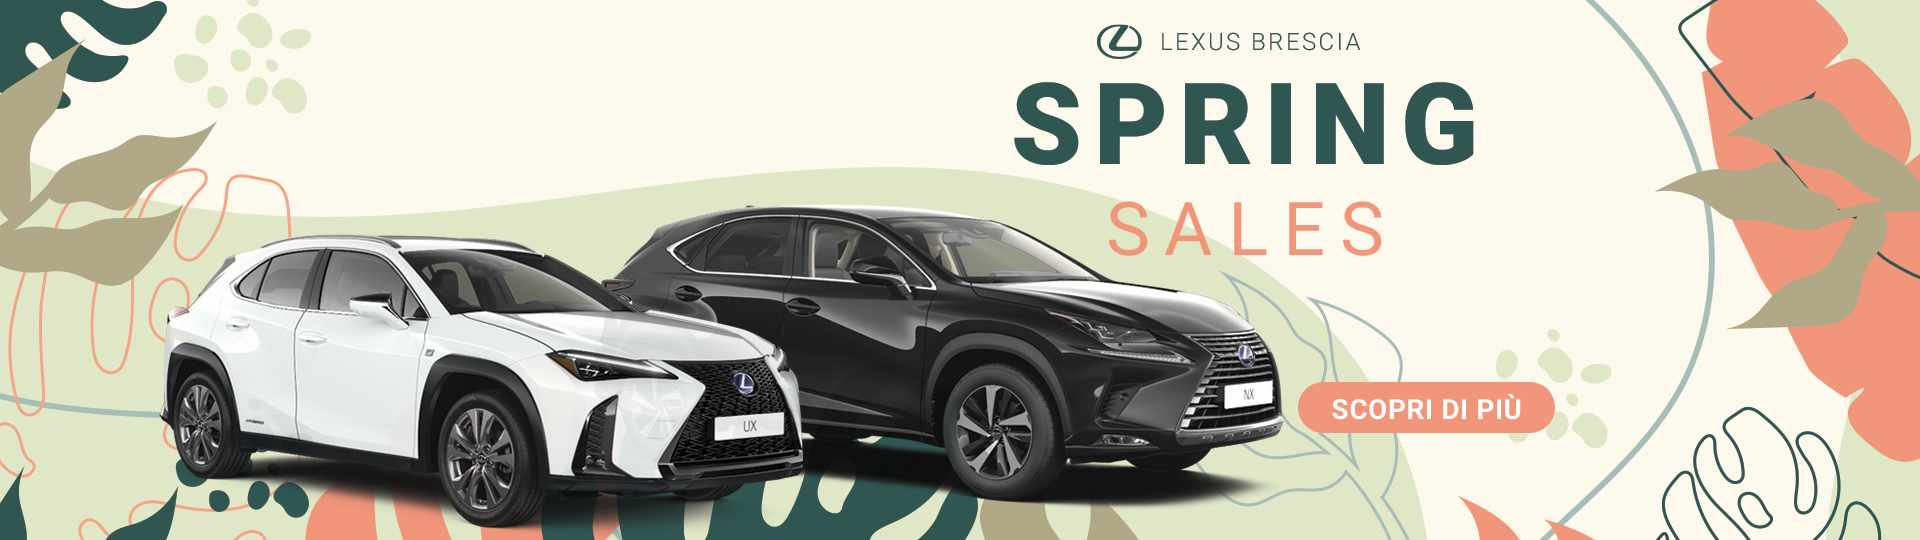 header_lexus_spring_sales_aprile_2021.jpg